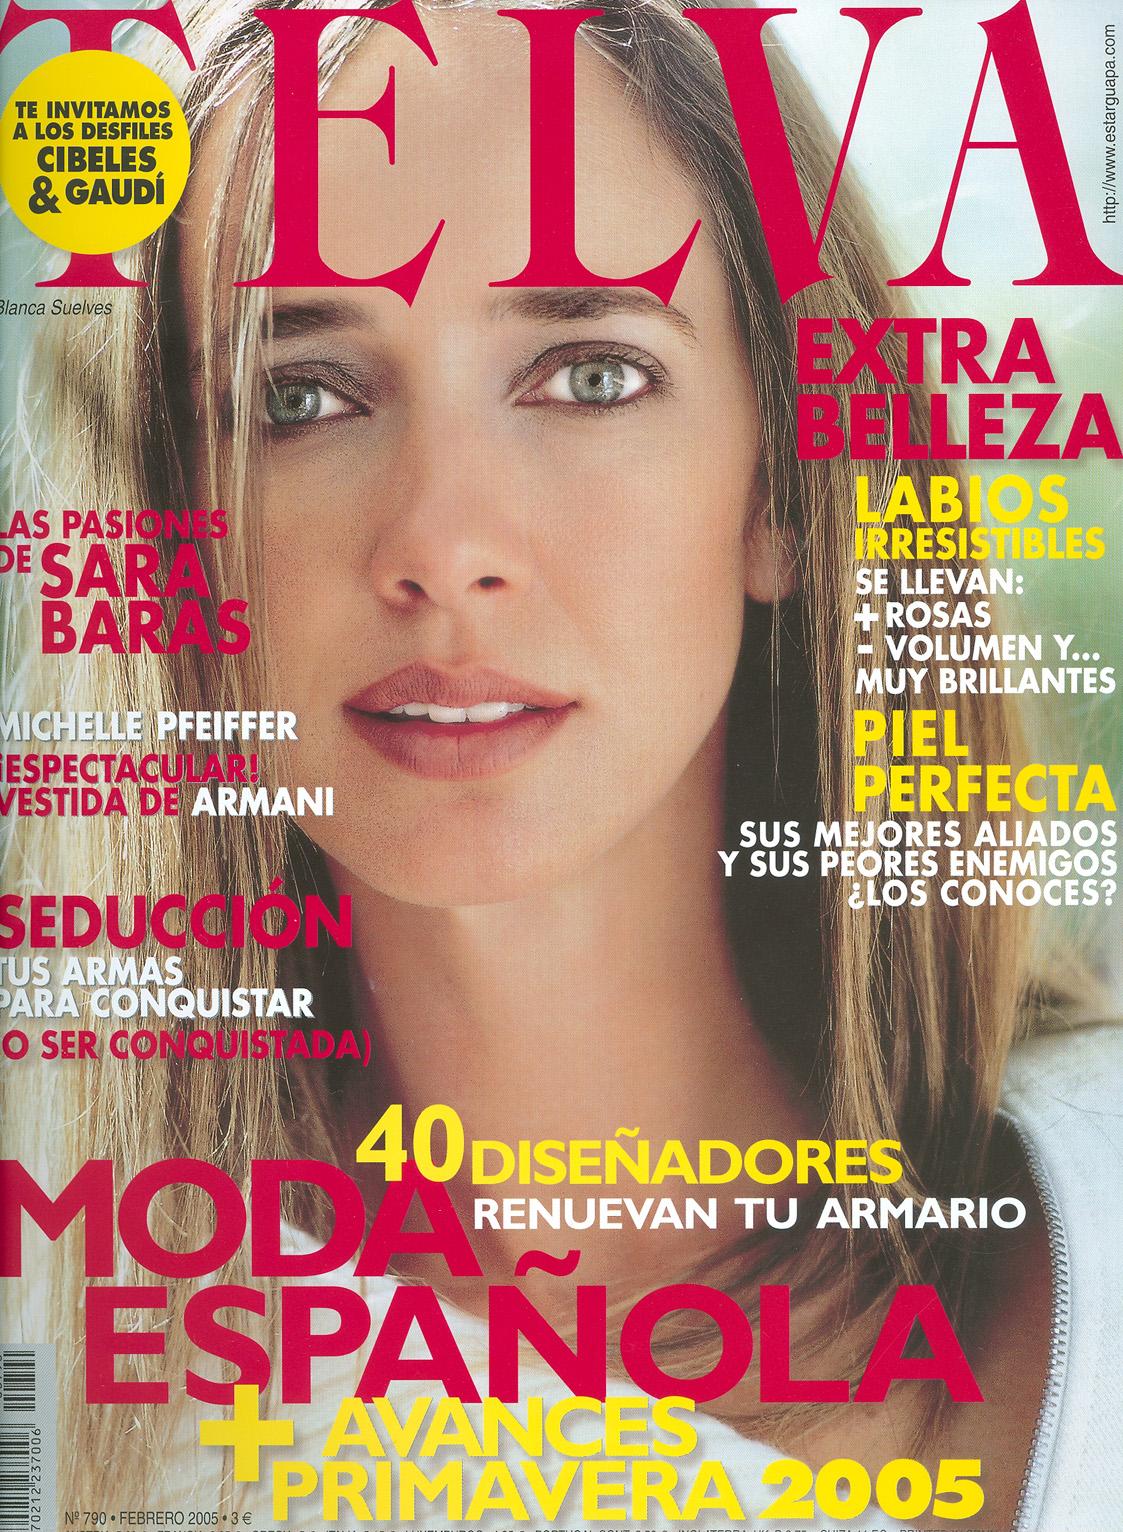 Blanca Suelves